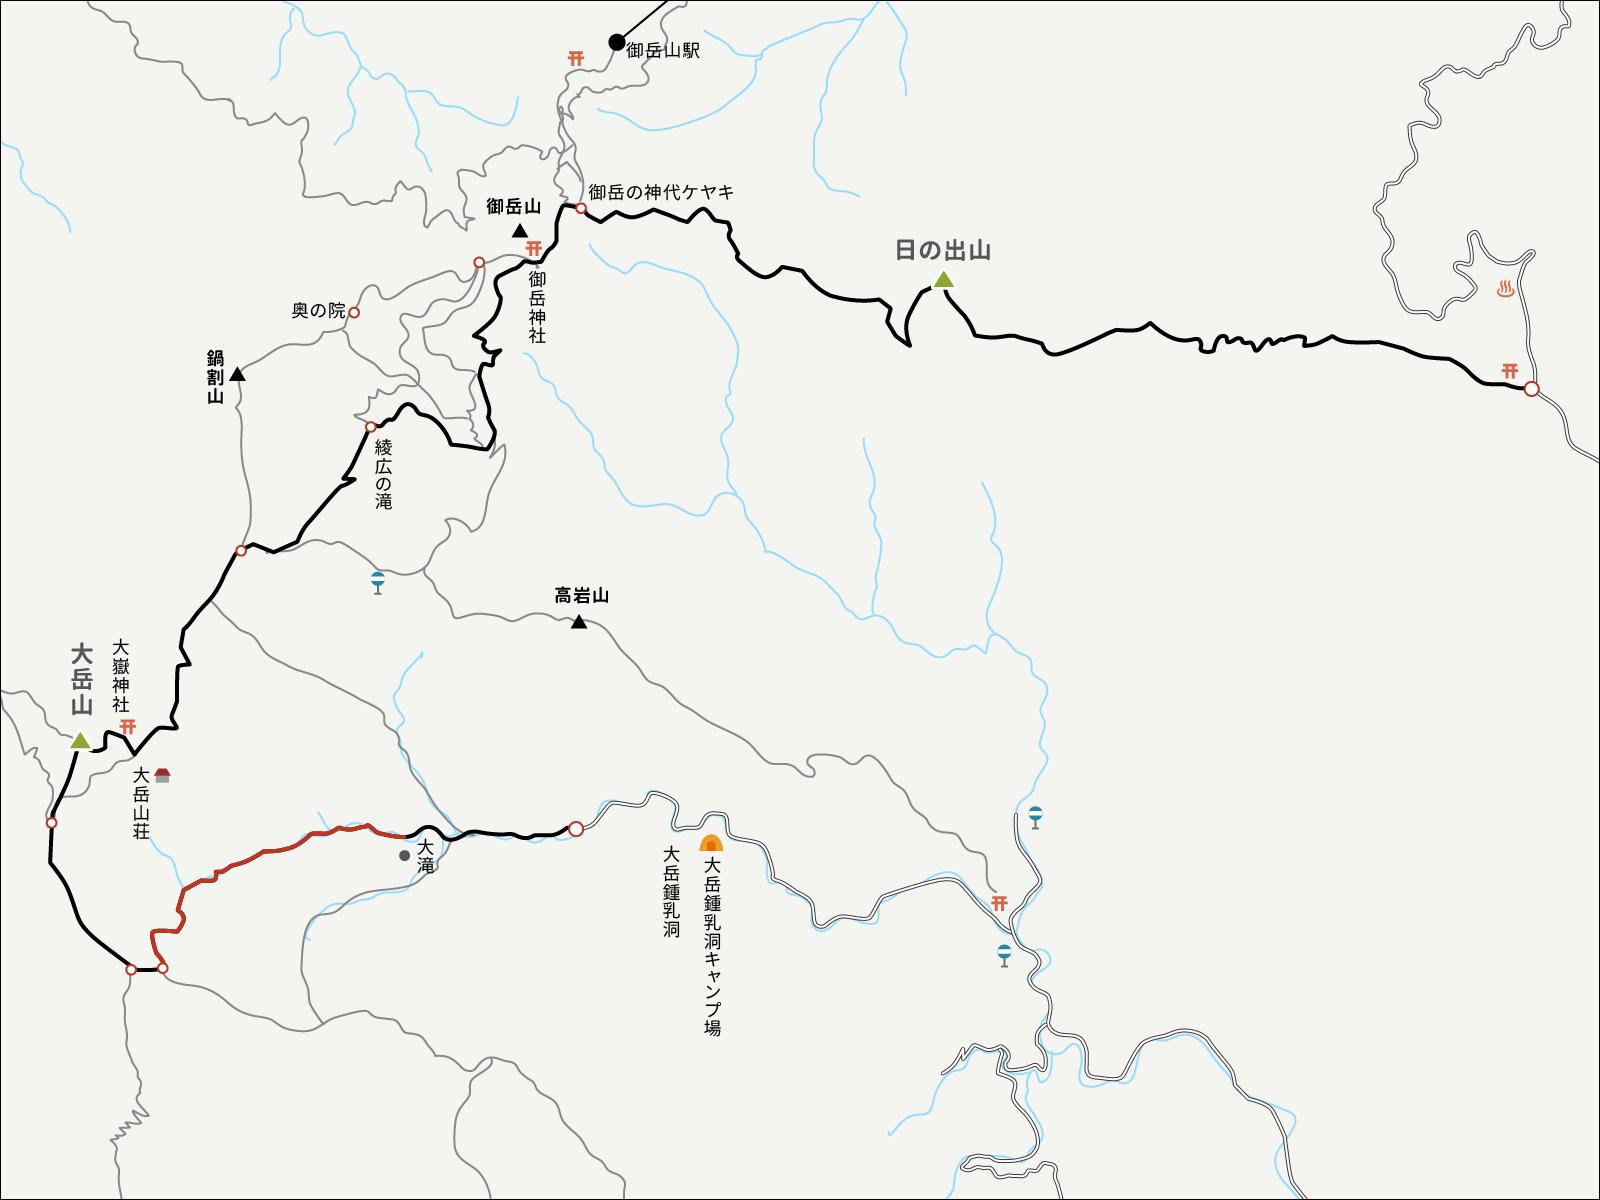 大岳鍾乳洞コースイラストマップ2